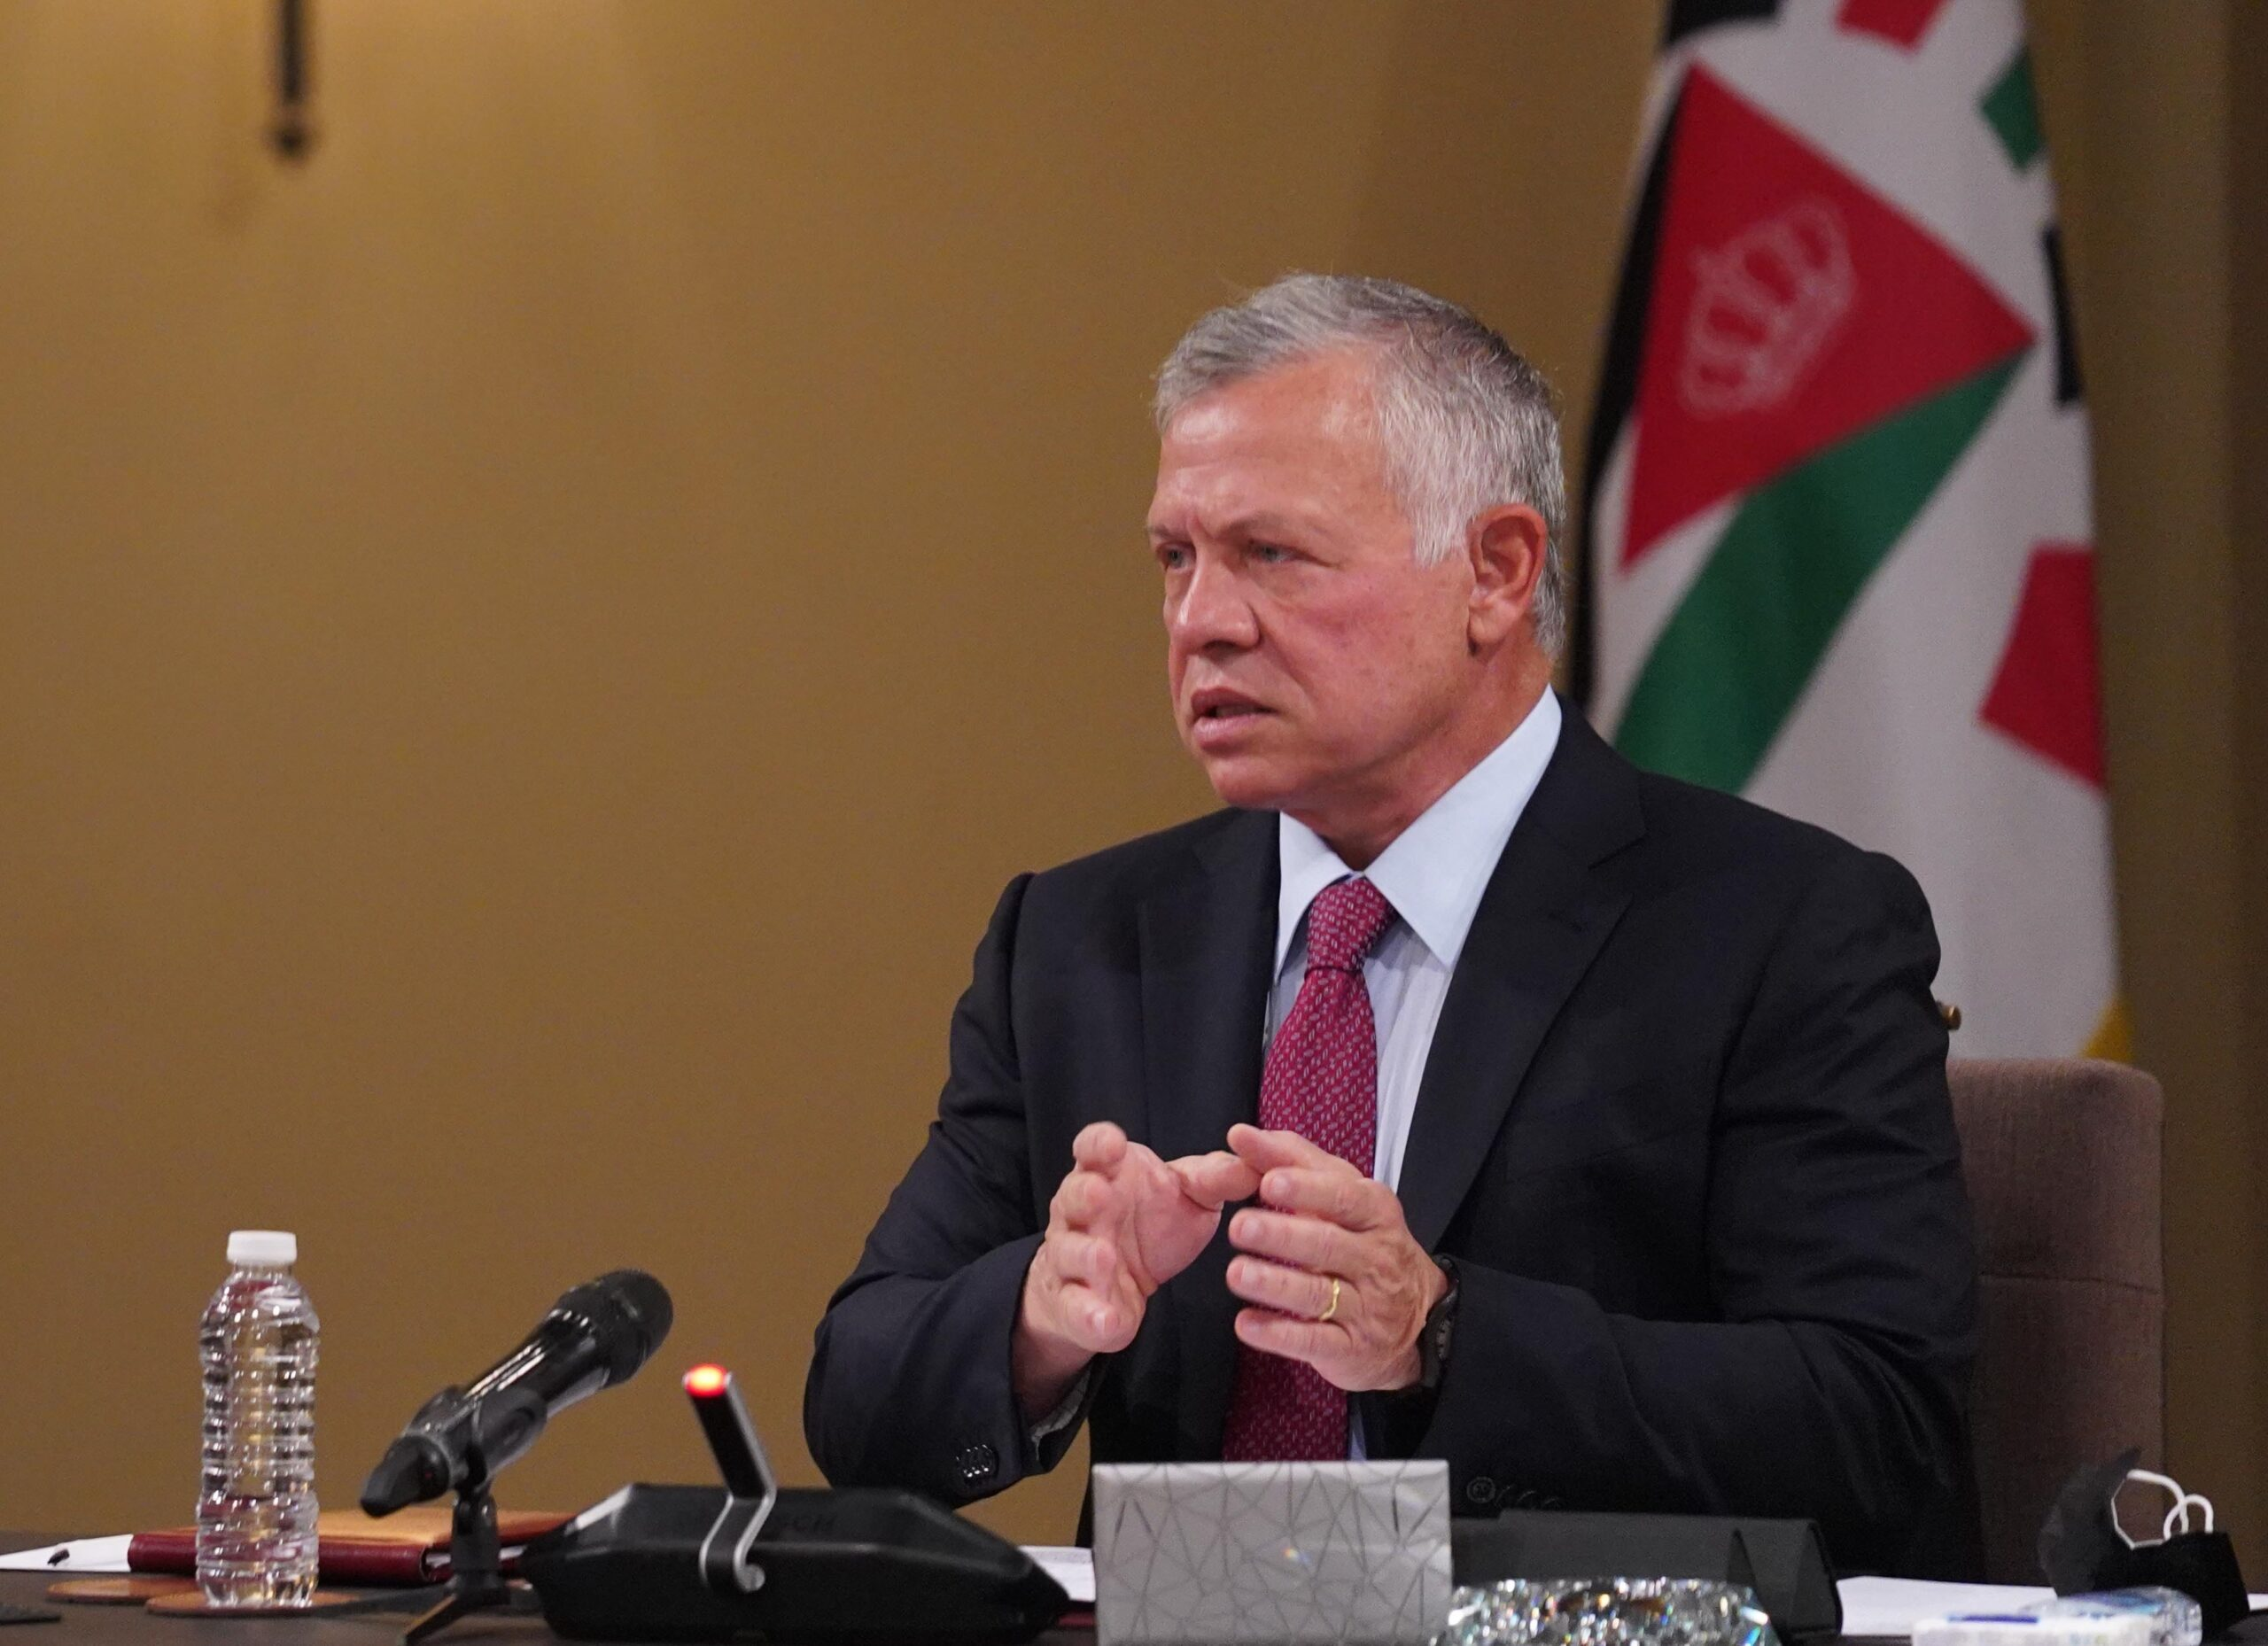 """الملك عبدالله الثاني يكشف عن مؤامرة كانت تحاك لإضعاف الأردن:"""" تصدينا لها"""""""